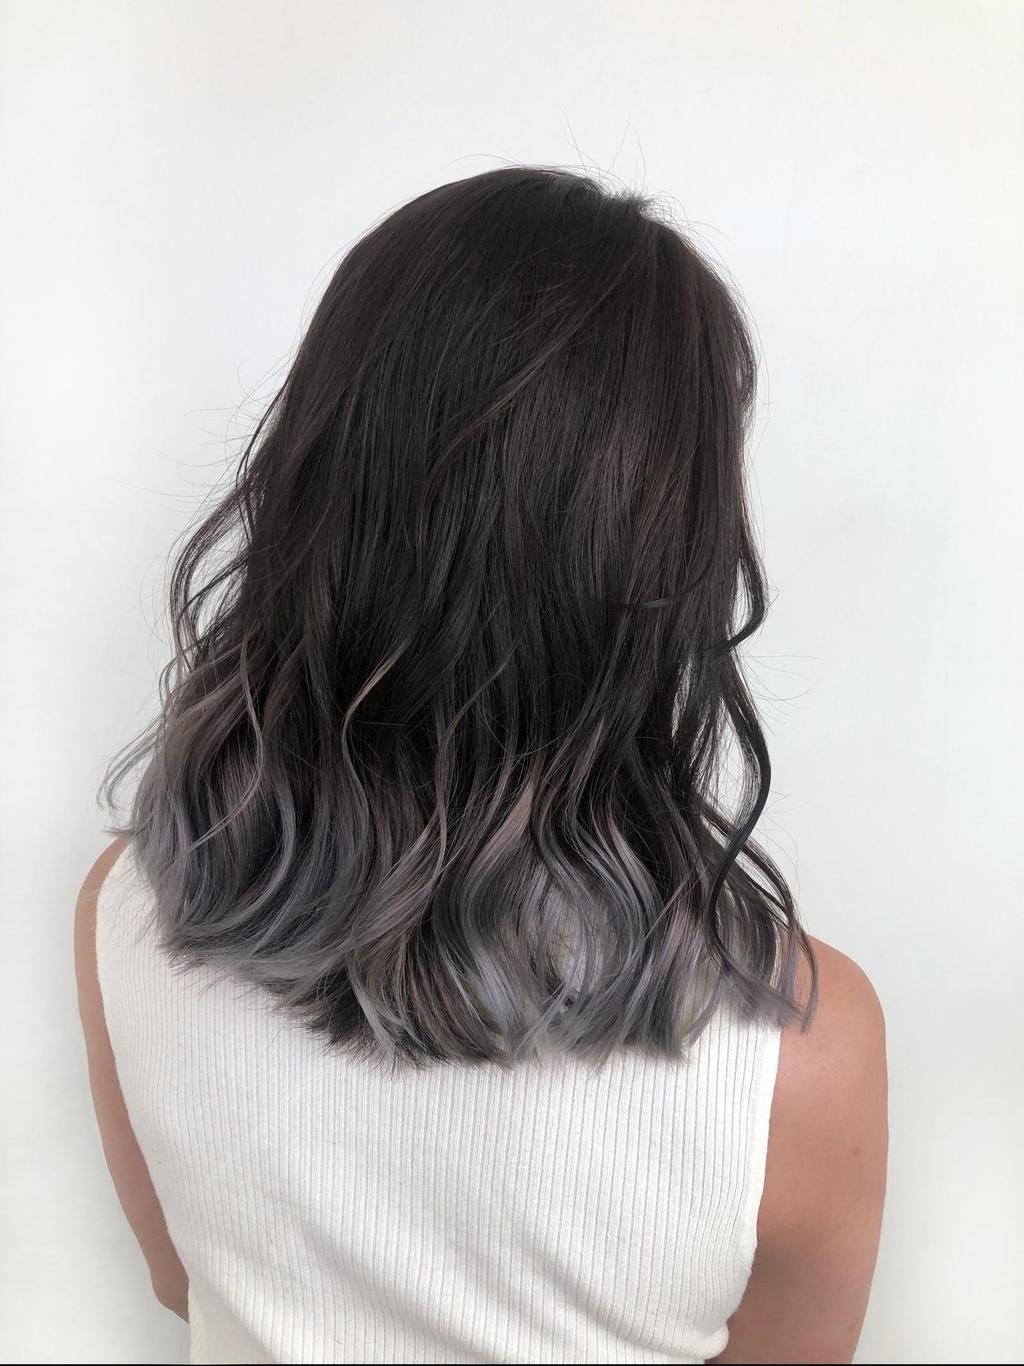 歐美感中長髮,搭配下擺灰棕色的的裙襬條染,捲度線條更明顯,也更能展現歐美隨性感